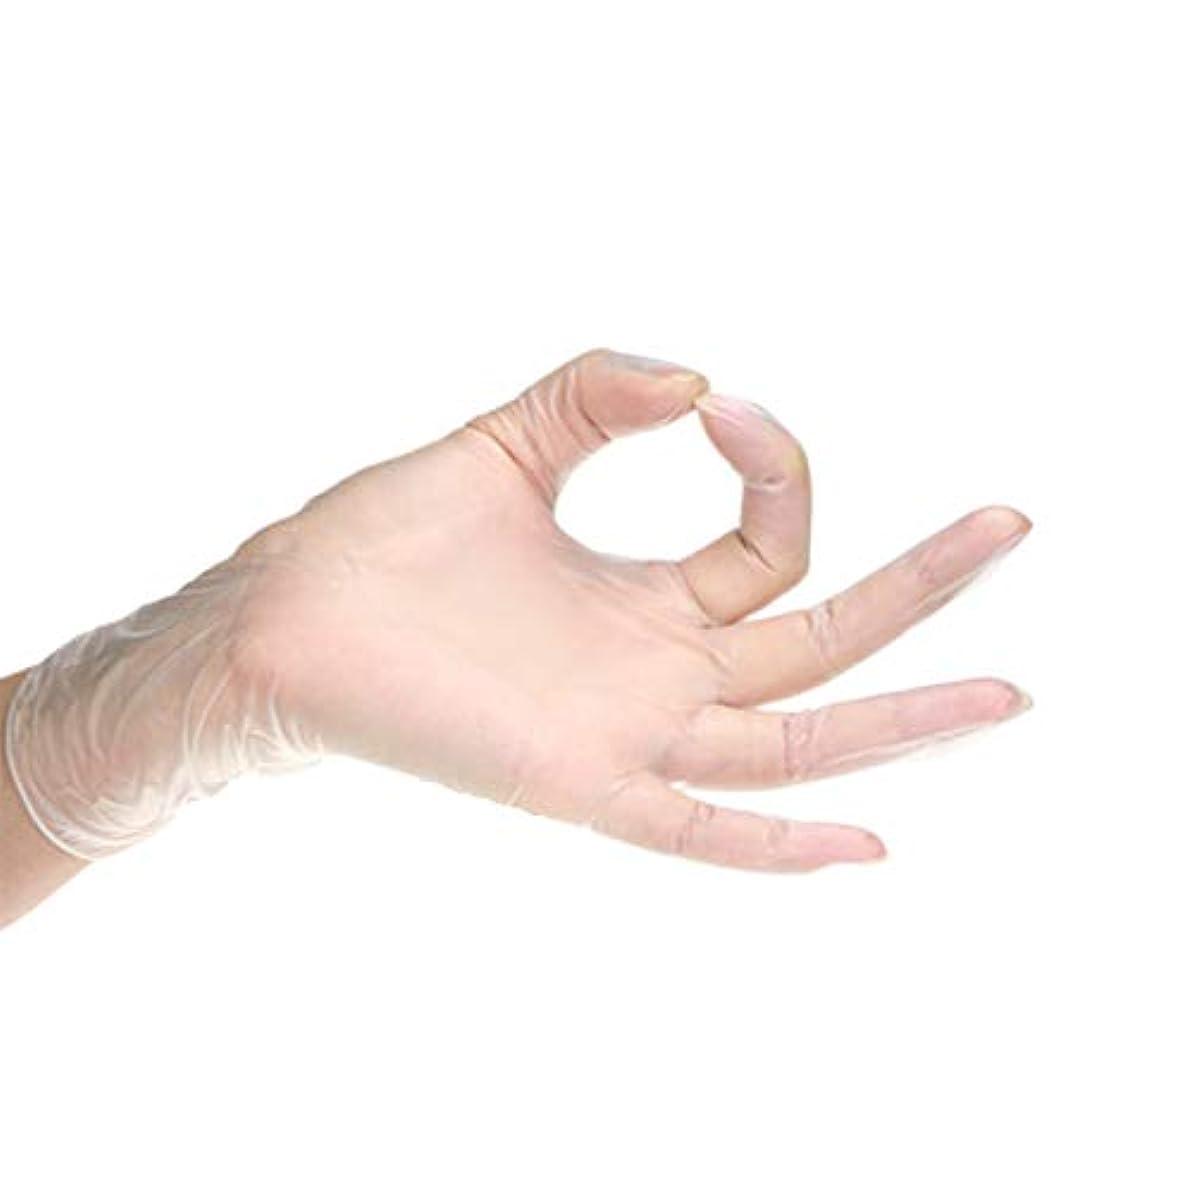 エンディング階層言い直す使い捨て手袋 ニトリル手袋 はエビをむいて 野菜 顔を切っ て料理の 食品を加工して粉がなく 透明 100枚 (L)